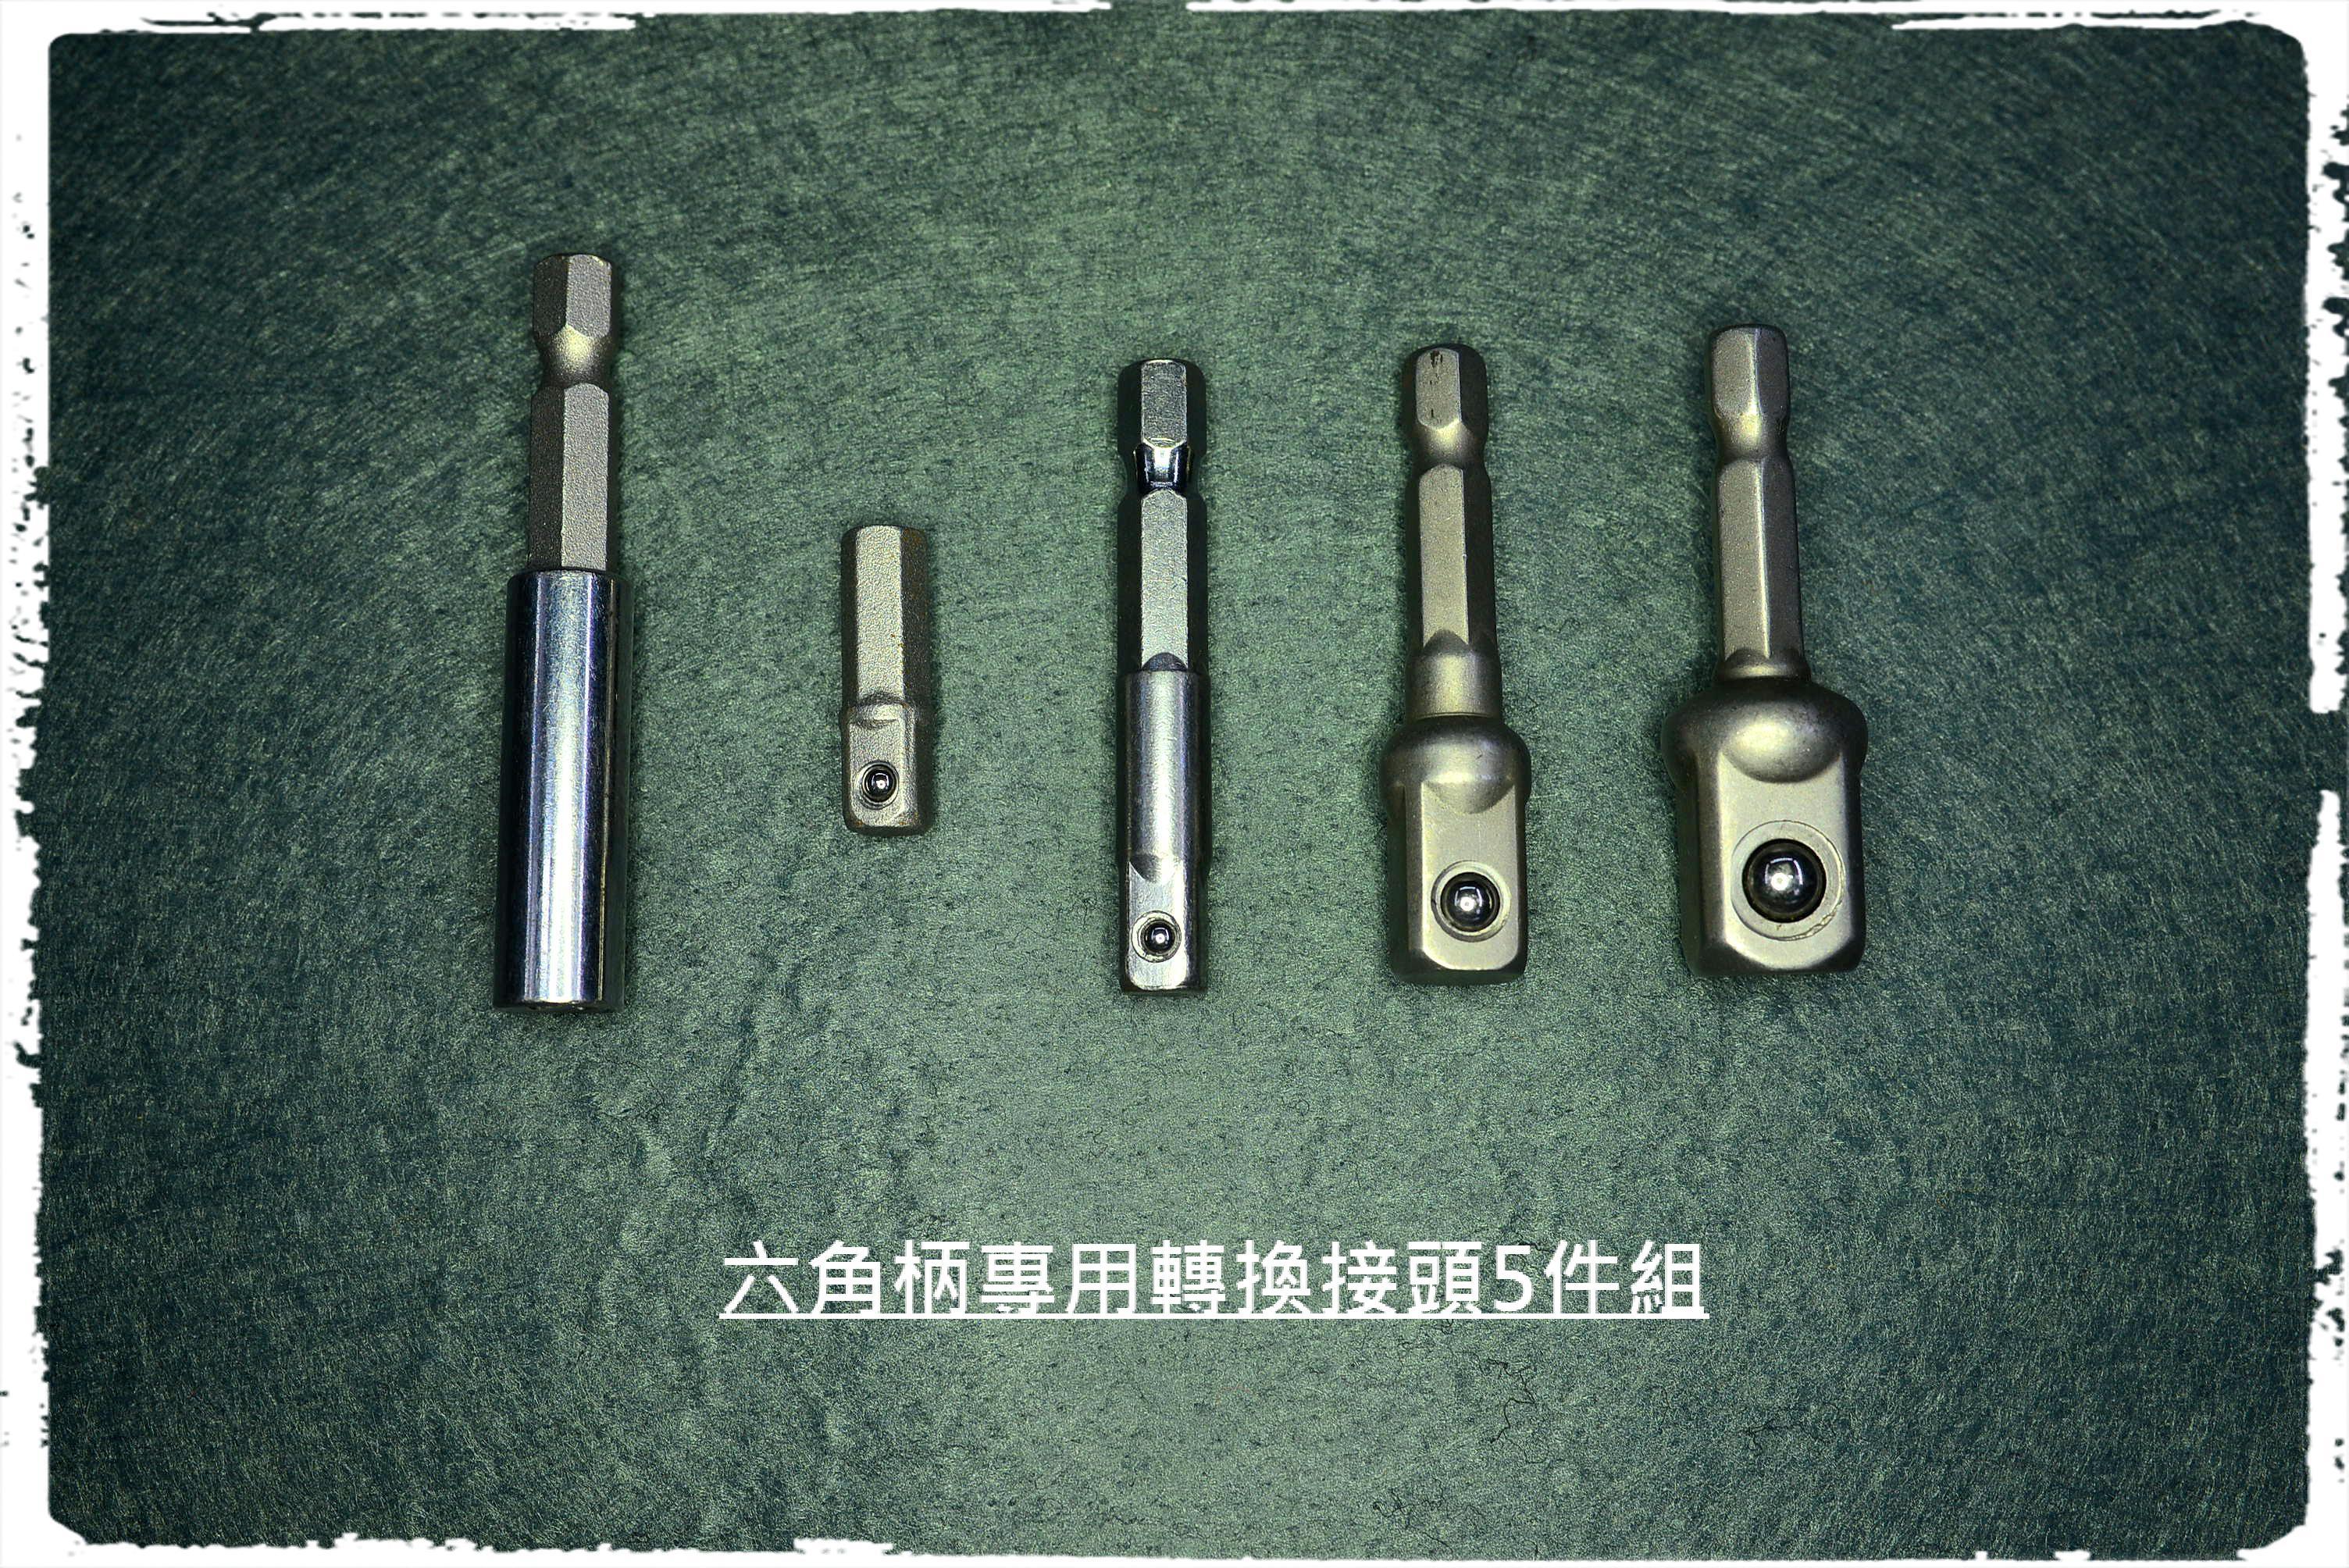 六角柄轉接頭 四方頭轉換頭 套筒轉接桿 碳鋼氣動起子 電動扳手鋰電扳手電鑽頭 轉換桿1/2 3/8 1/4兩分三分四分